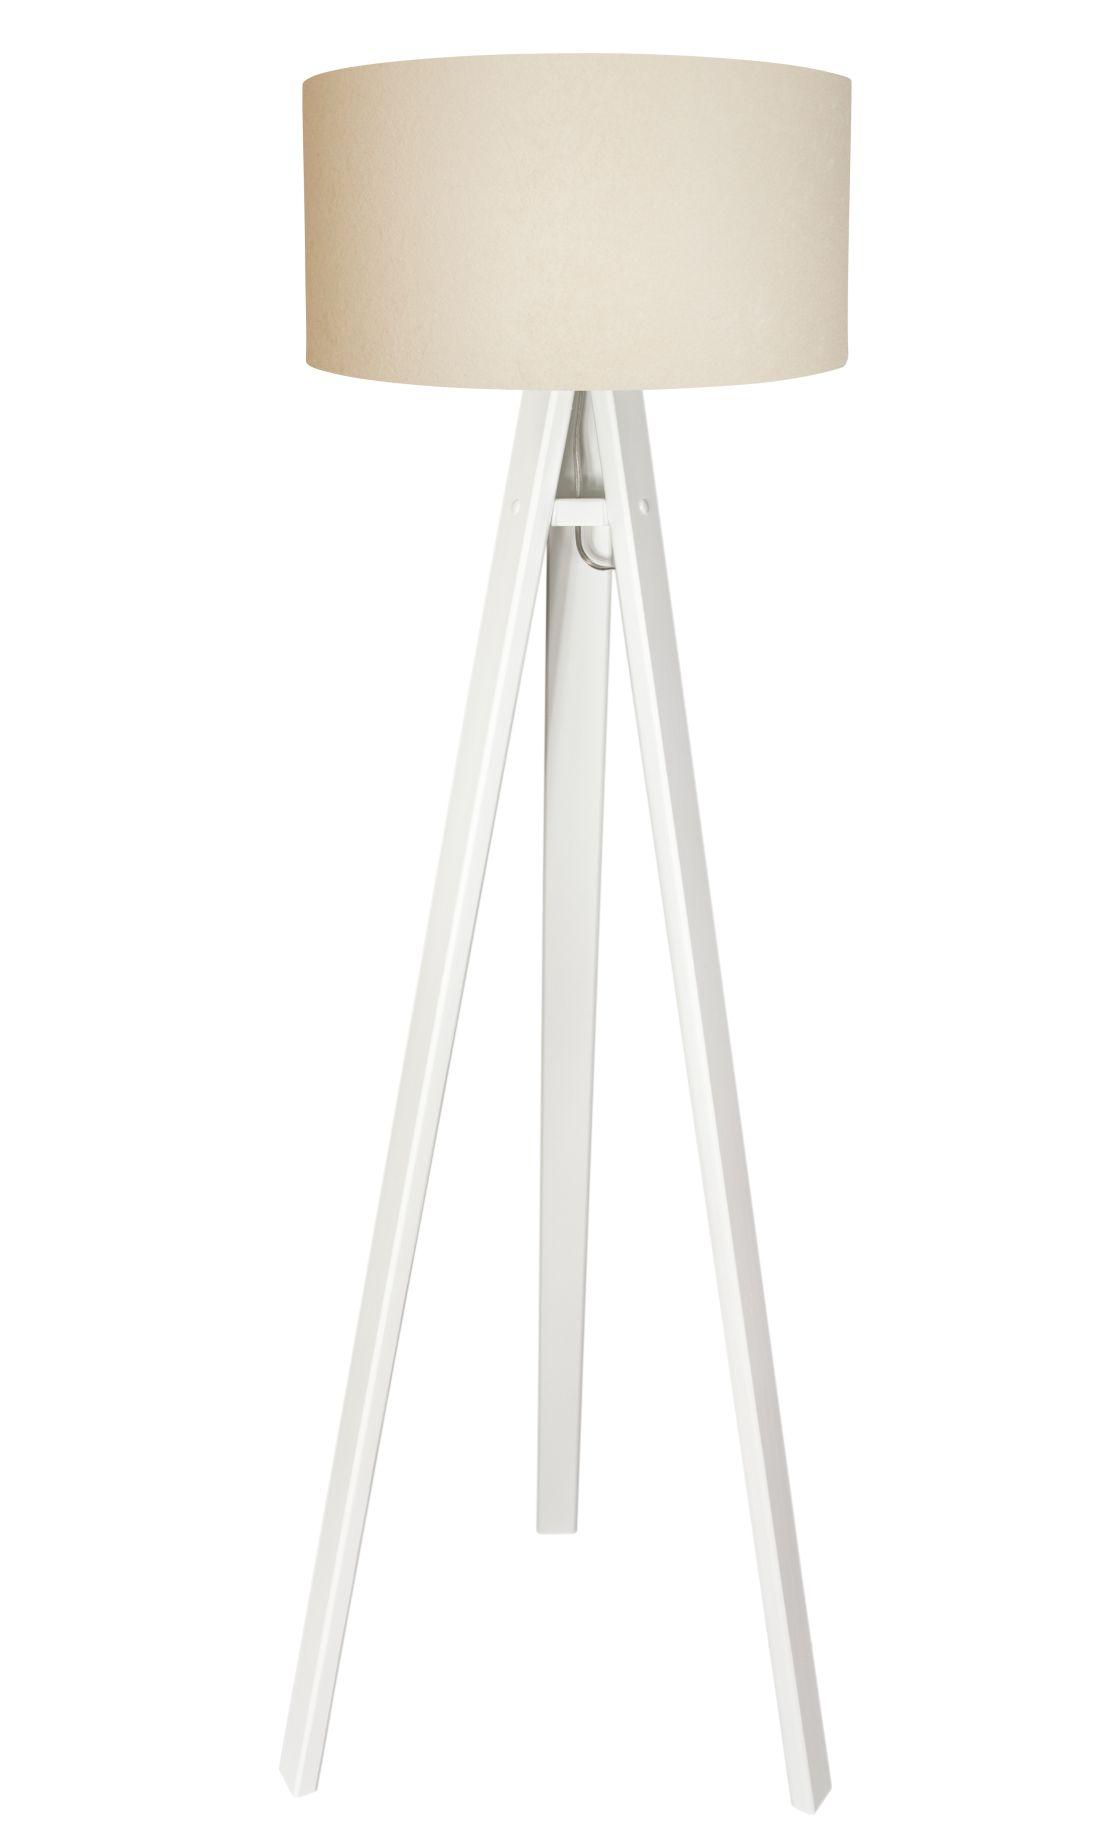 Stehlampe Creme Weiß Holz 10cm2cm Retro Wohnzimmer